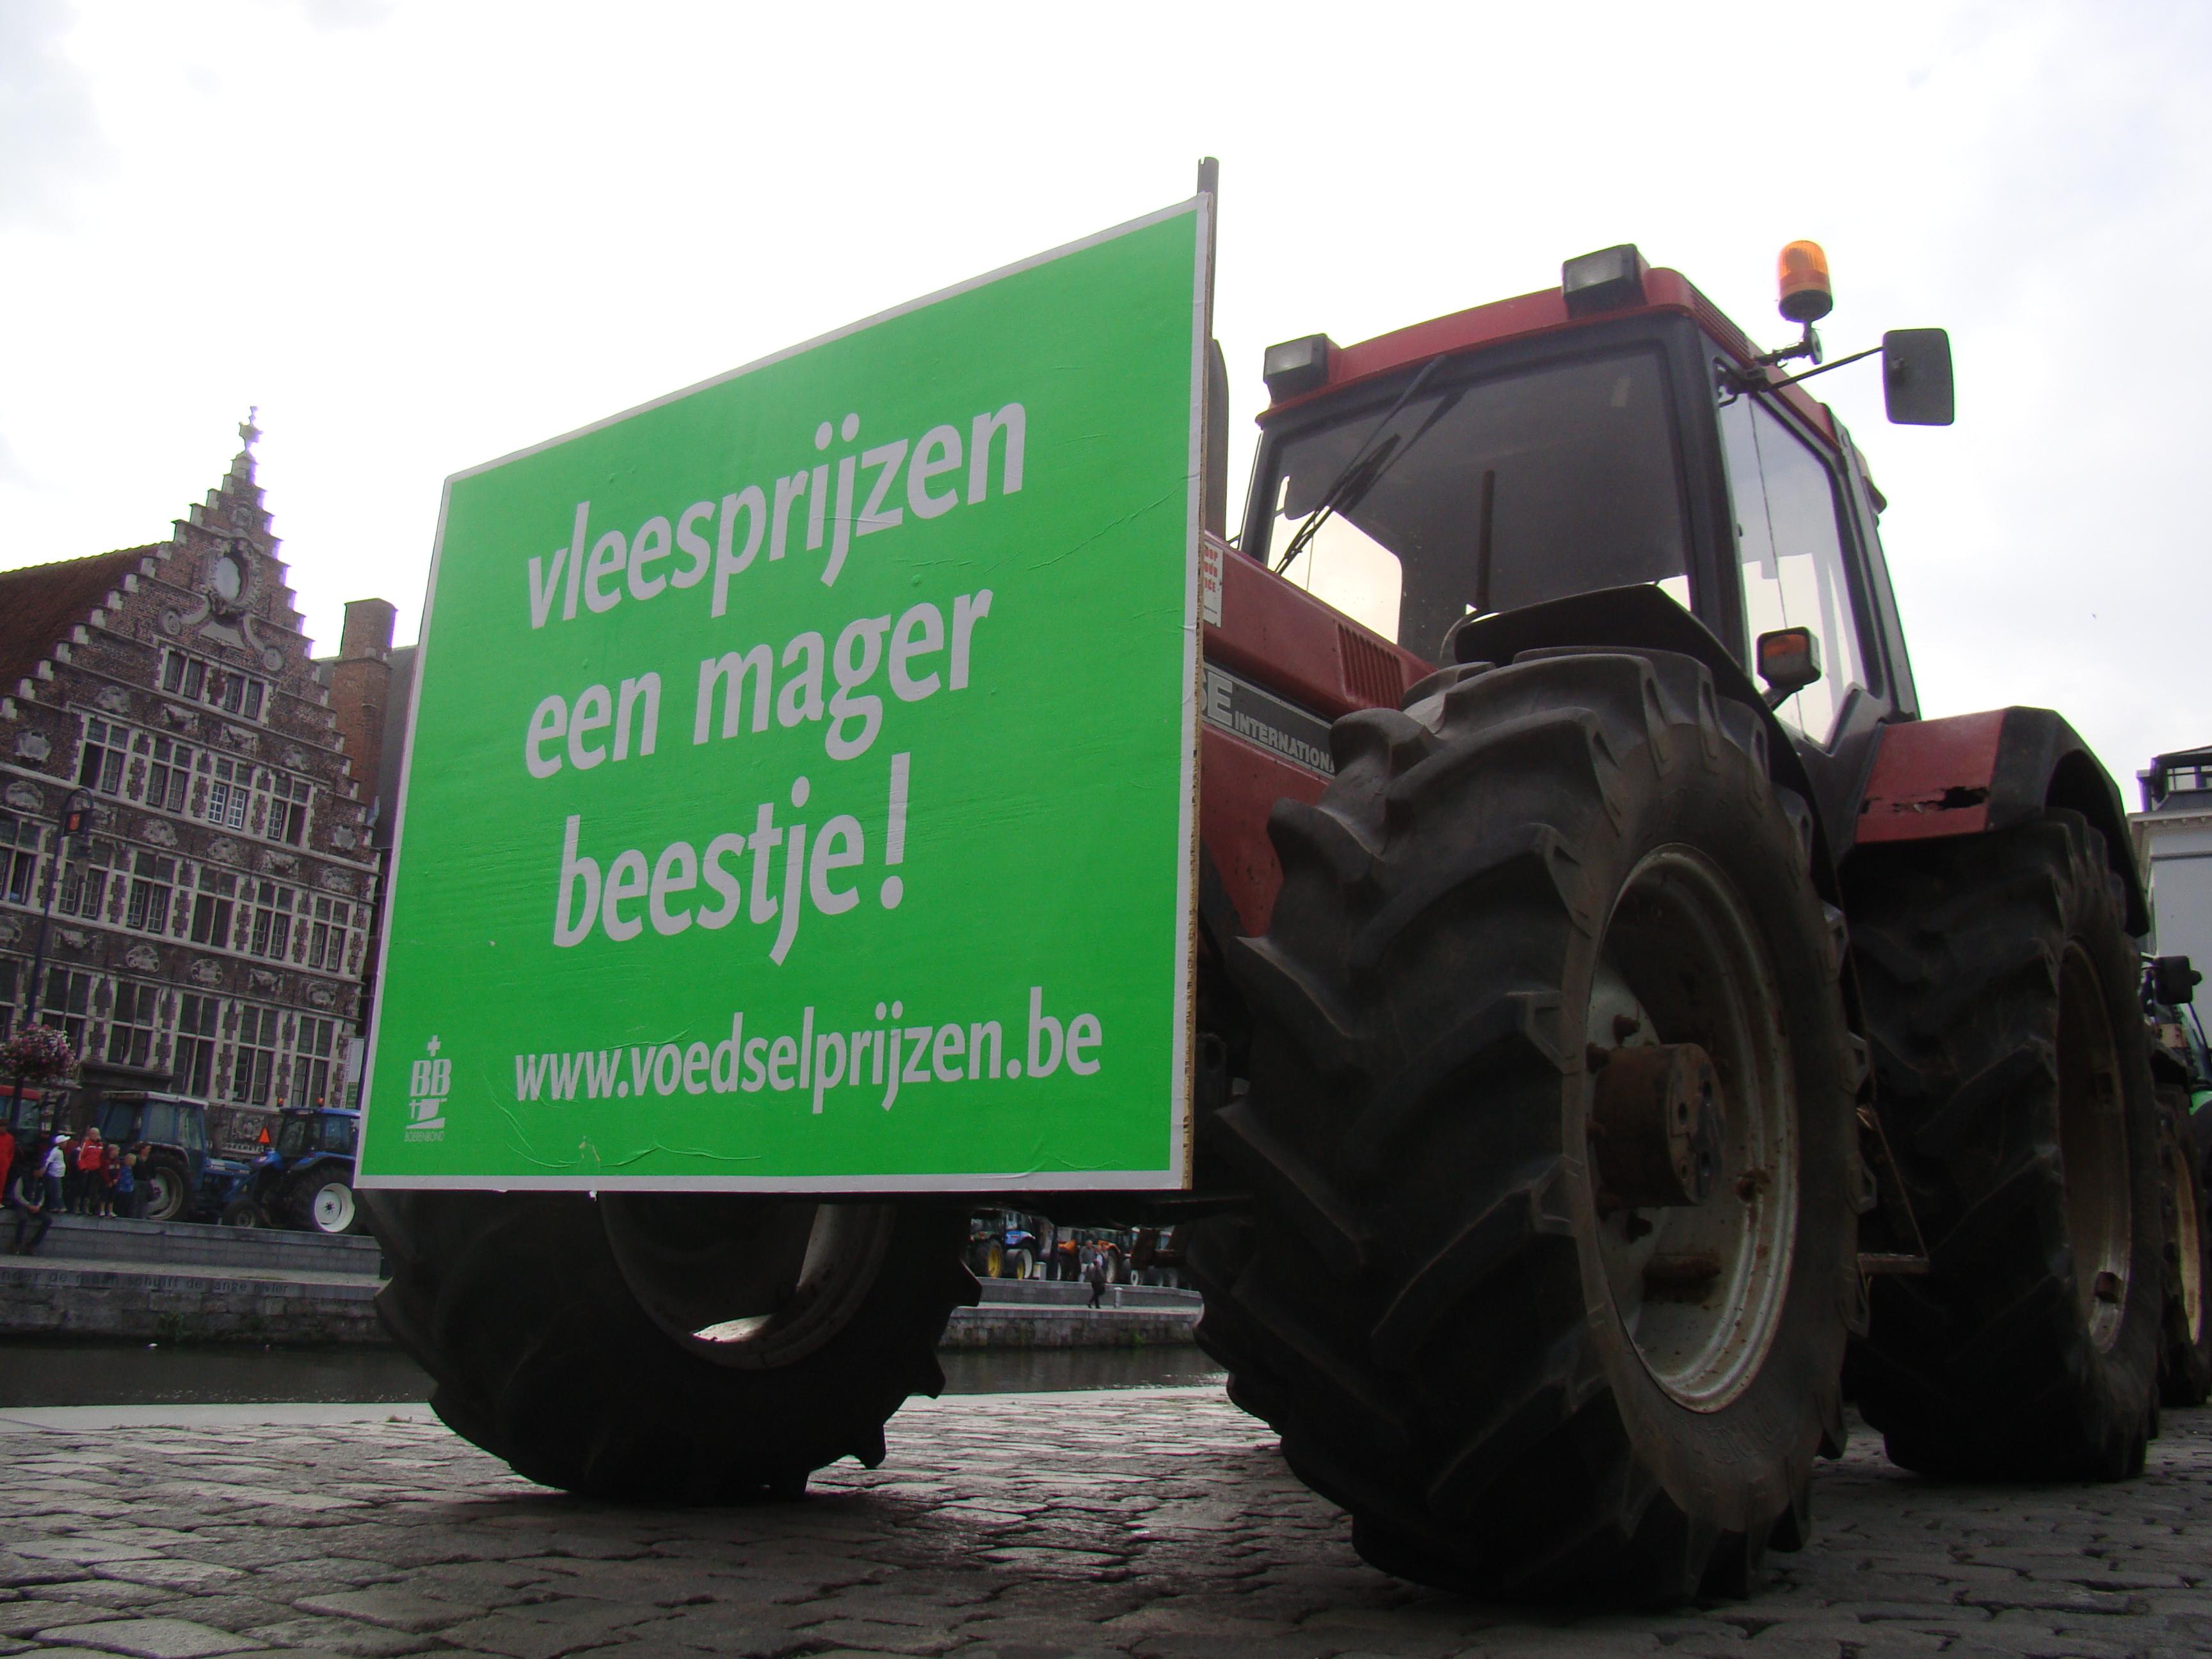 Om hun boodschap te verspreiden gebruiken de boeren een typografie en kleurgebruik die duidelijk refereren aan de nationaal-socialistische propaganda van weleer.